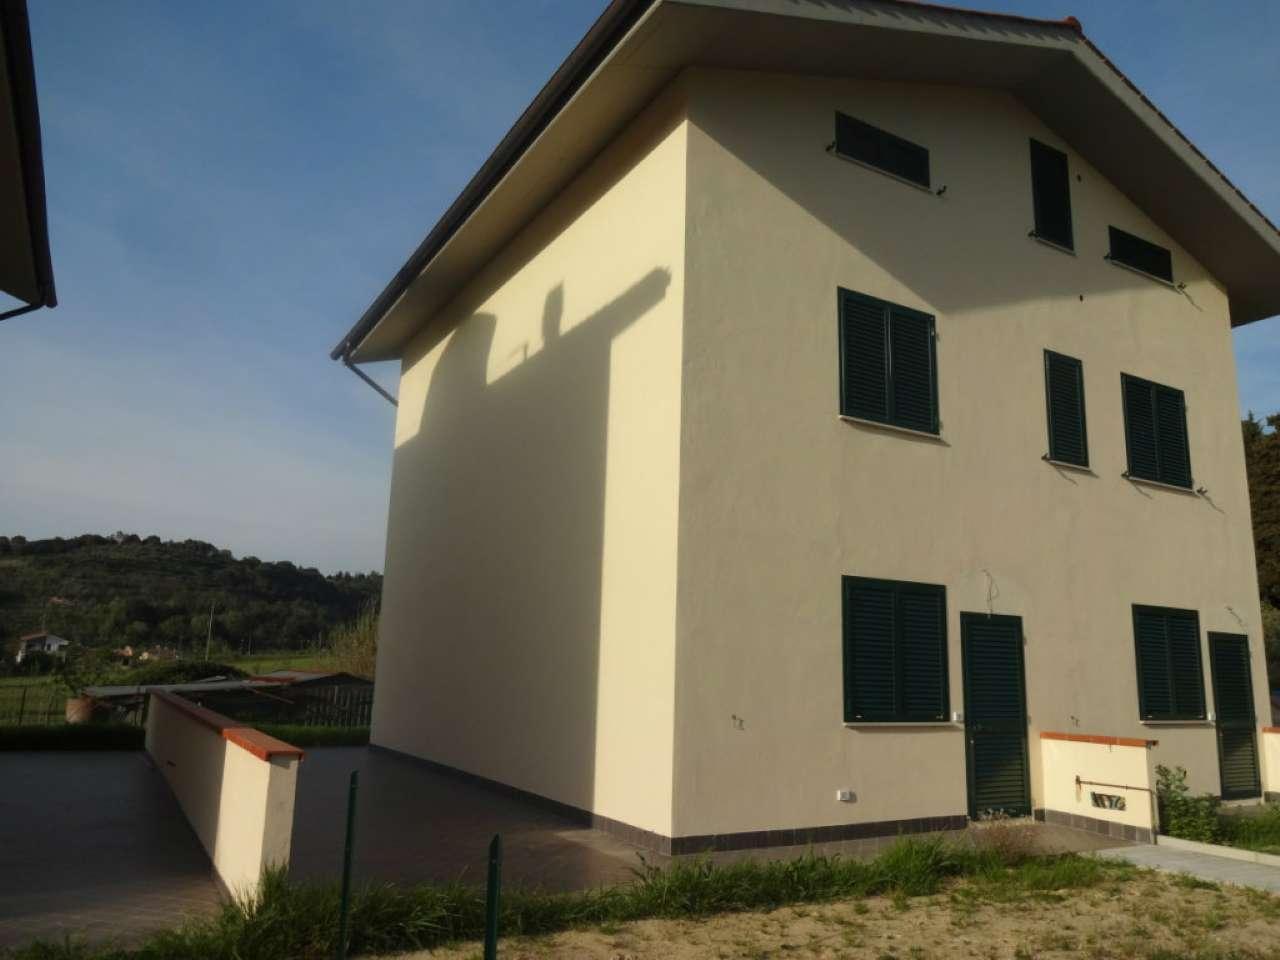 Palazzo / Stabile in Vendita a Crespina Lorenzana